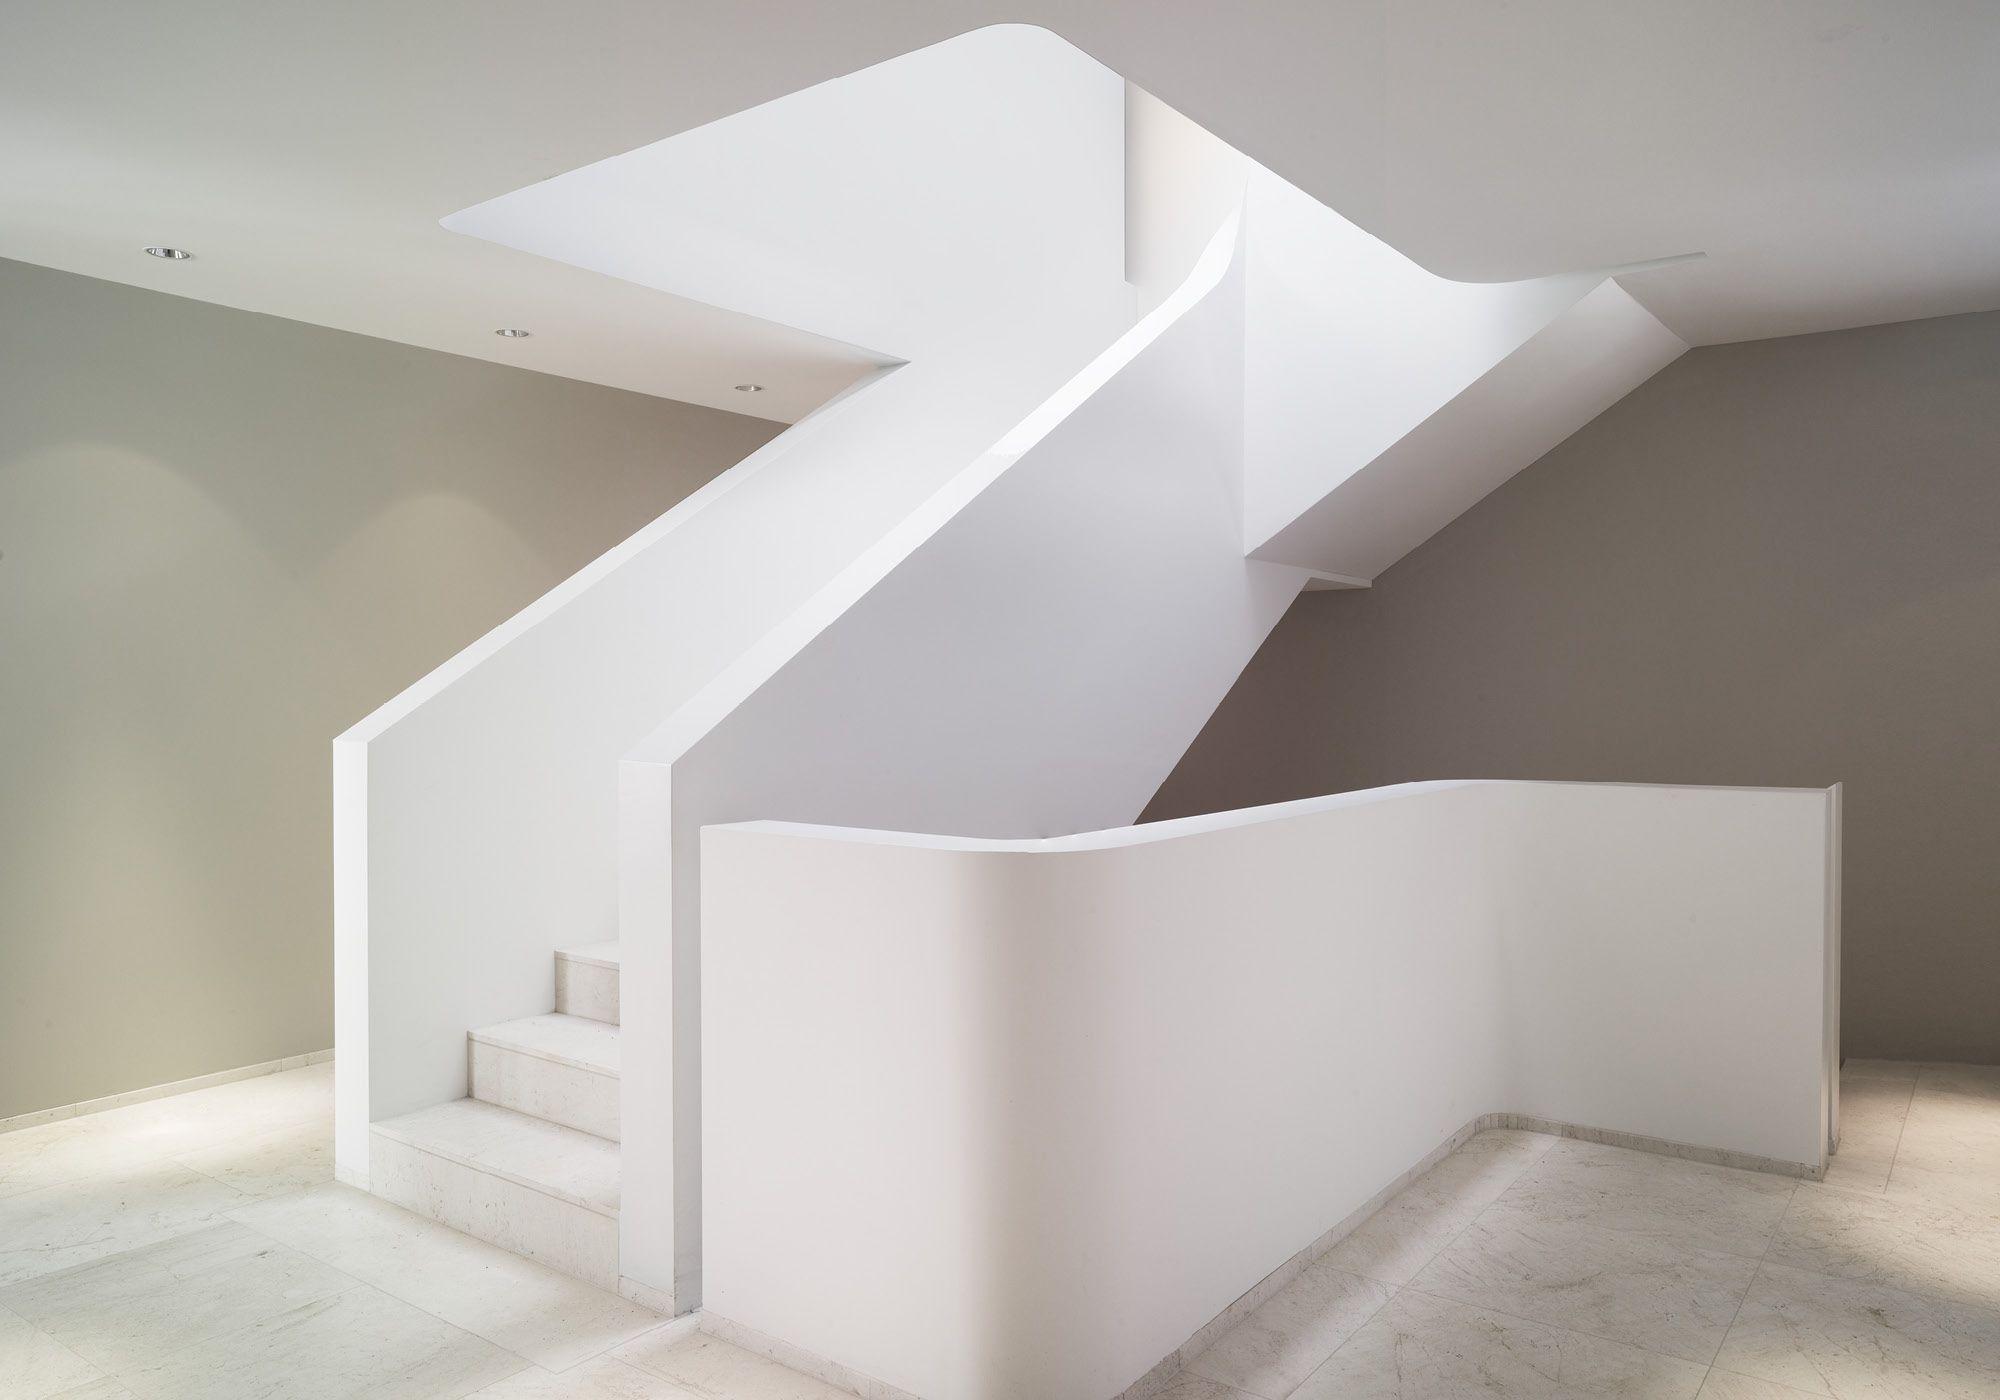 Architektur Architekturschweiz Architekturzurich Architekturburo Designhaus Interiordesign Design Architekt Zurich Architekt Design